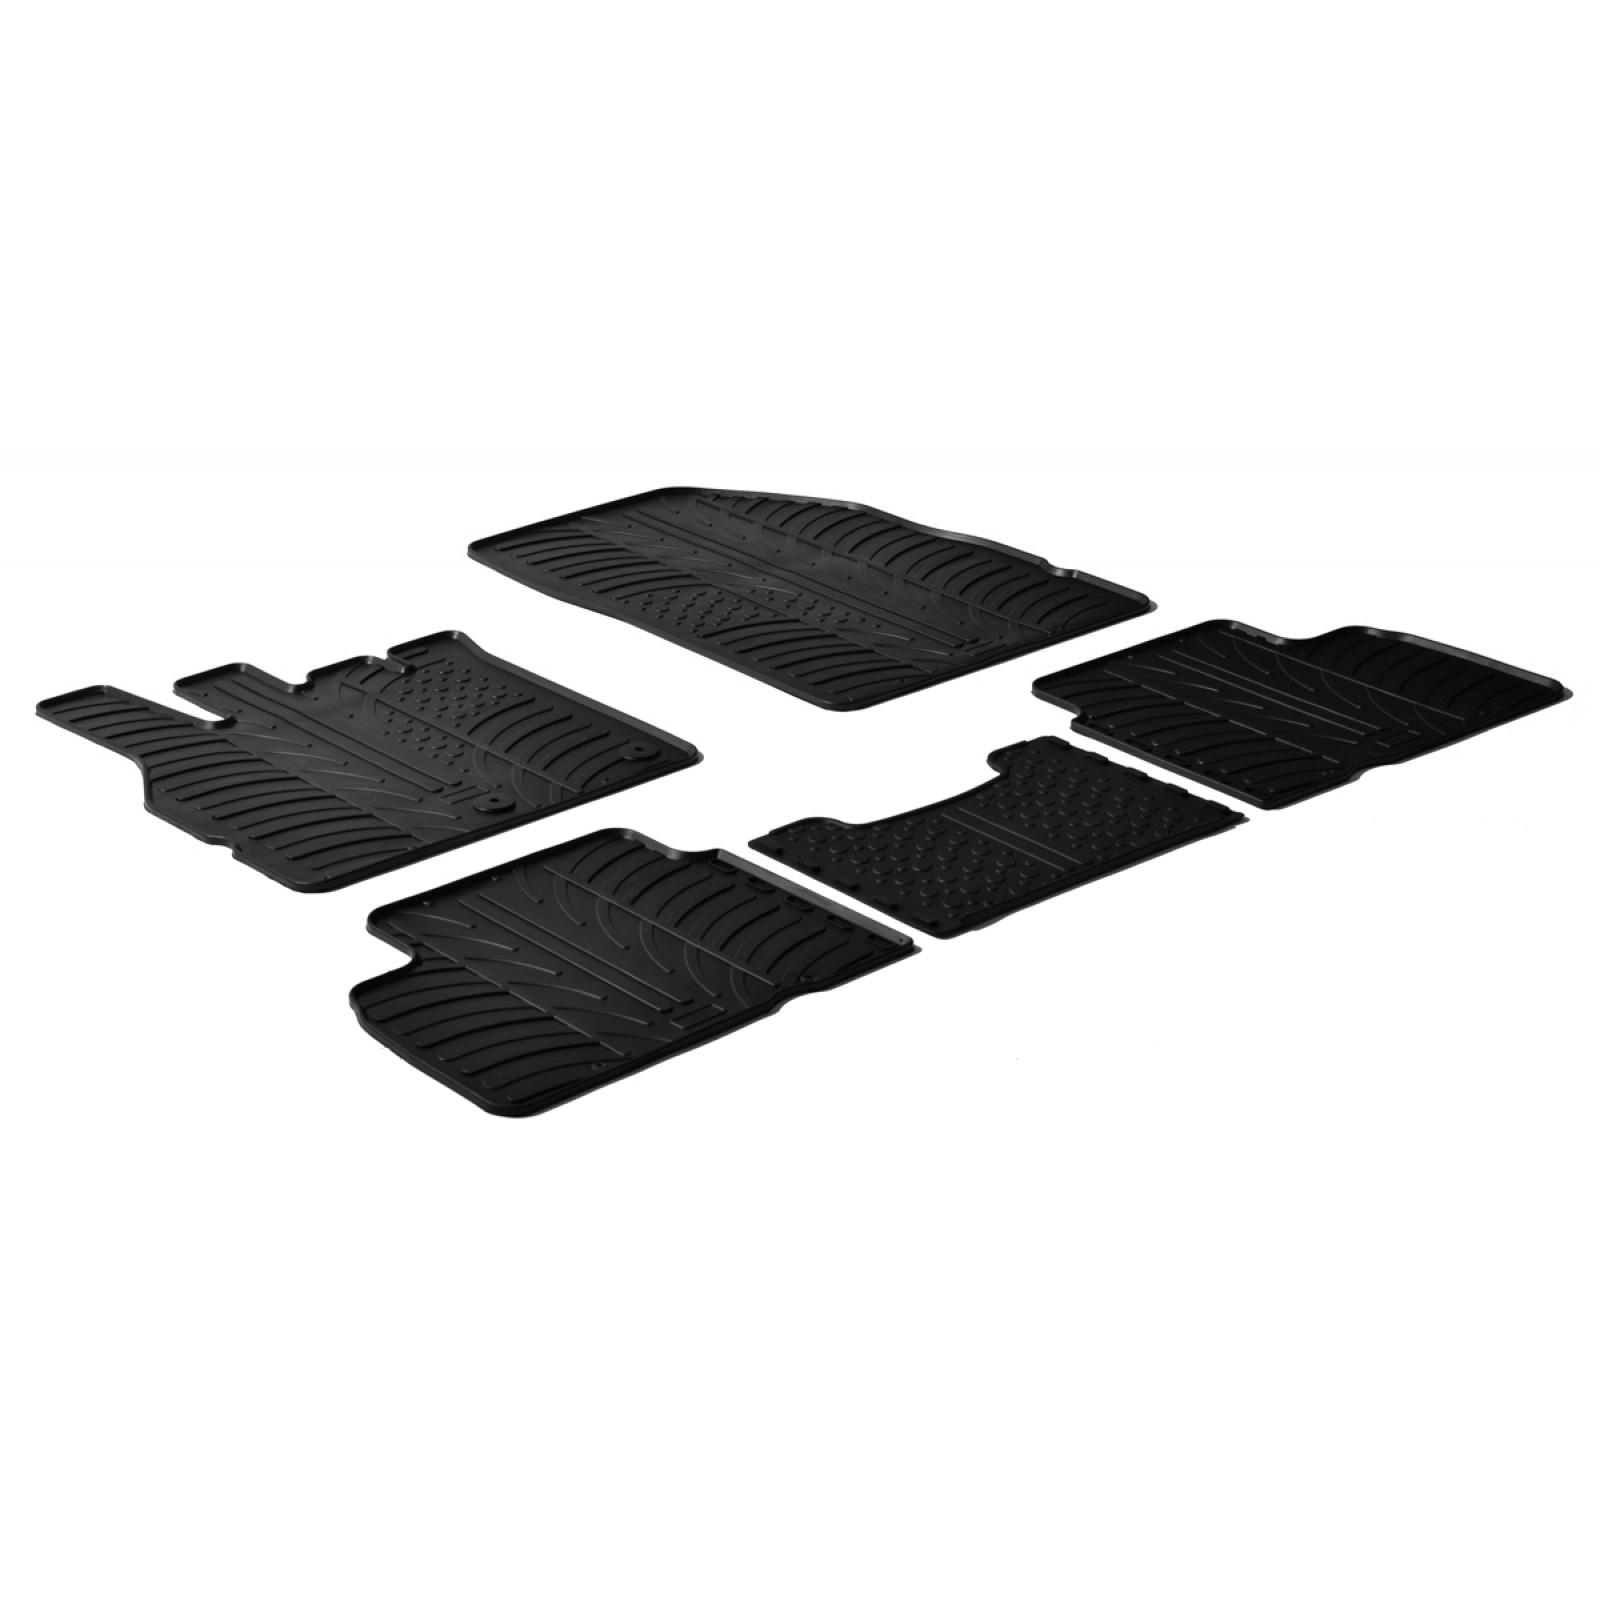 tapis en caoutchouc pour renault megane scenic iii. Black Bedroom Furniture Sets. Home Design Ideas